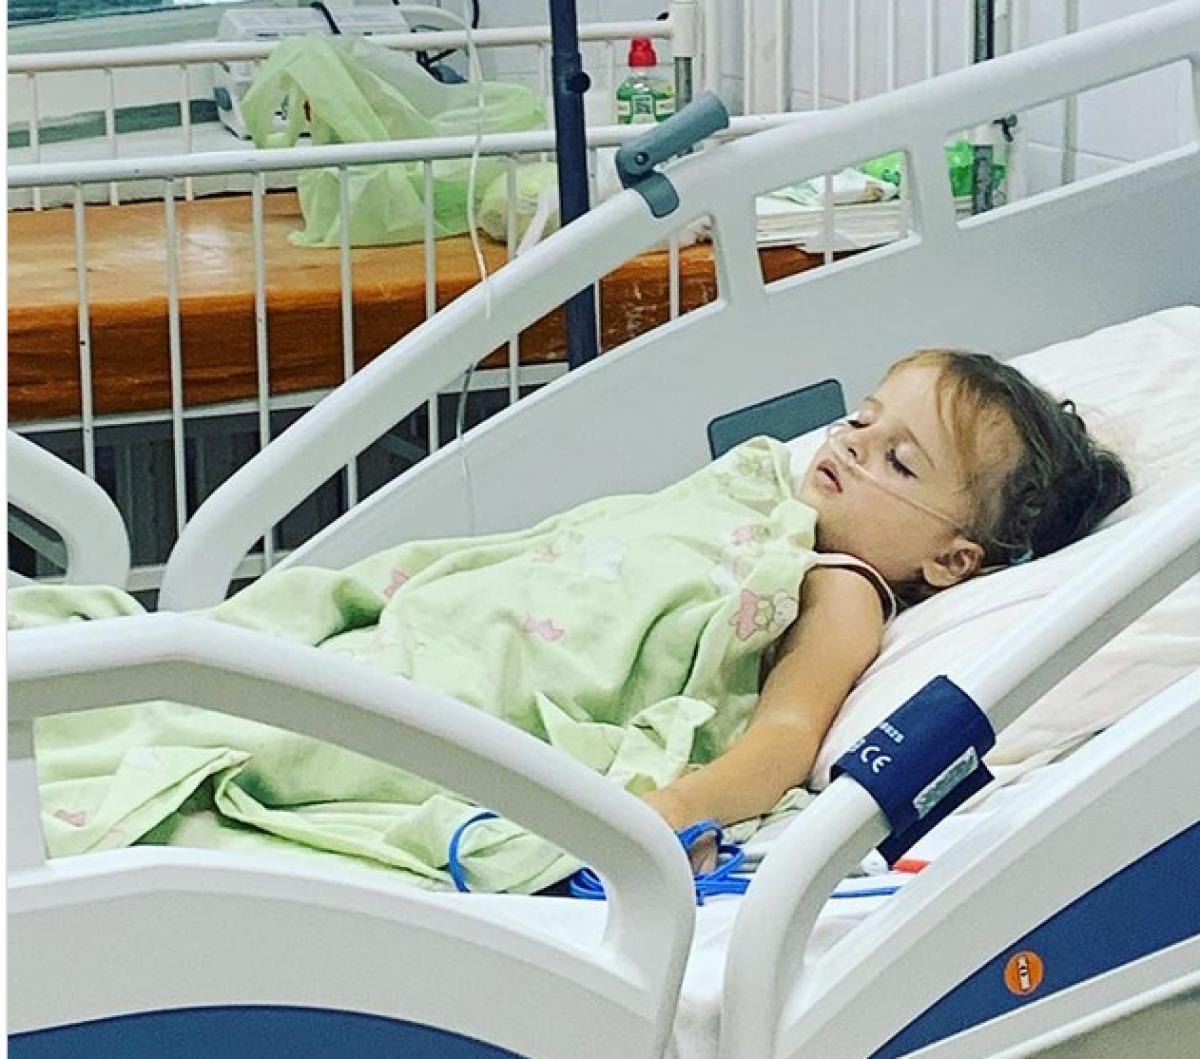 В Харькове 4-летнюю девочку привязывали к кровати в реанимации и не пускали родителей (фото) — УНИАН